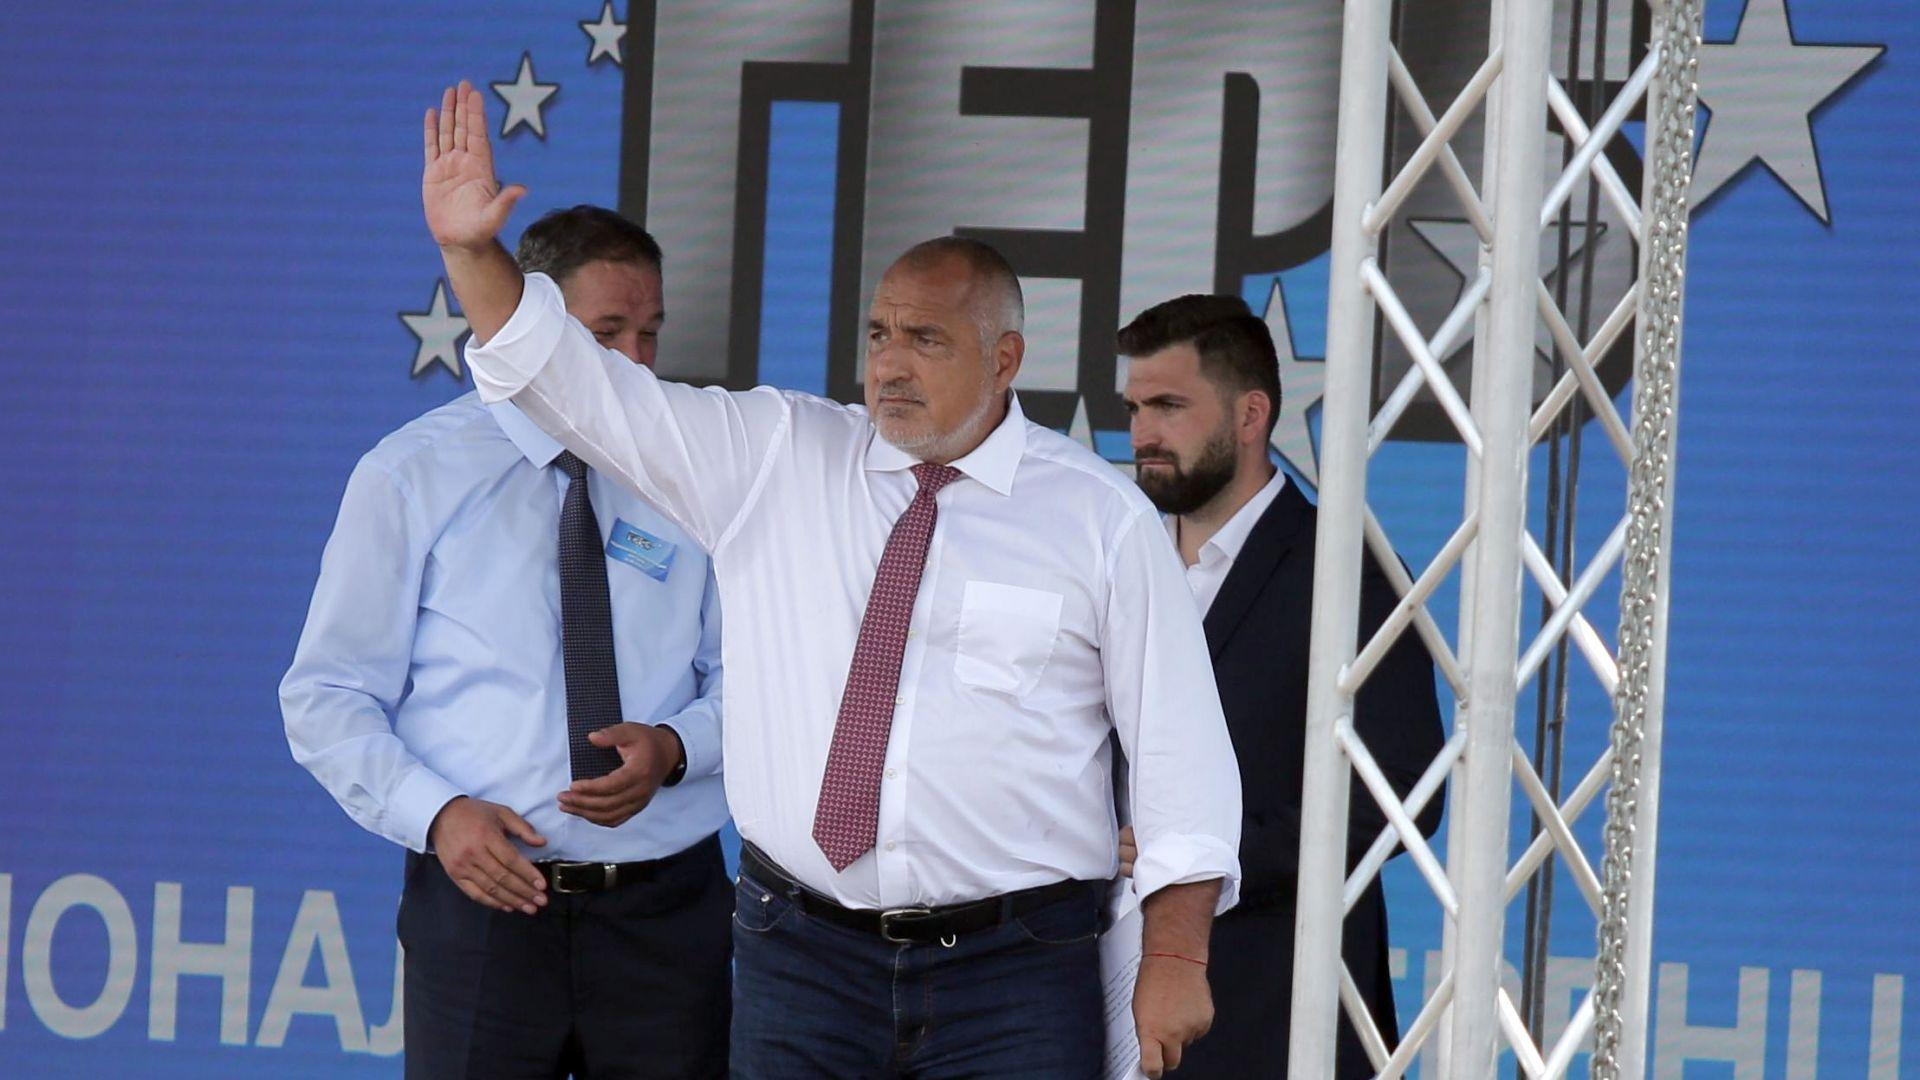 ГЕРБ утвърди кандидат-депутатските си листи, Борисов води в Пловдив и в София